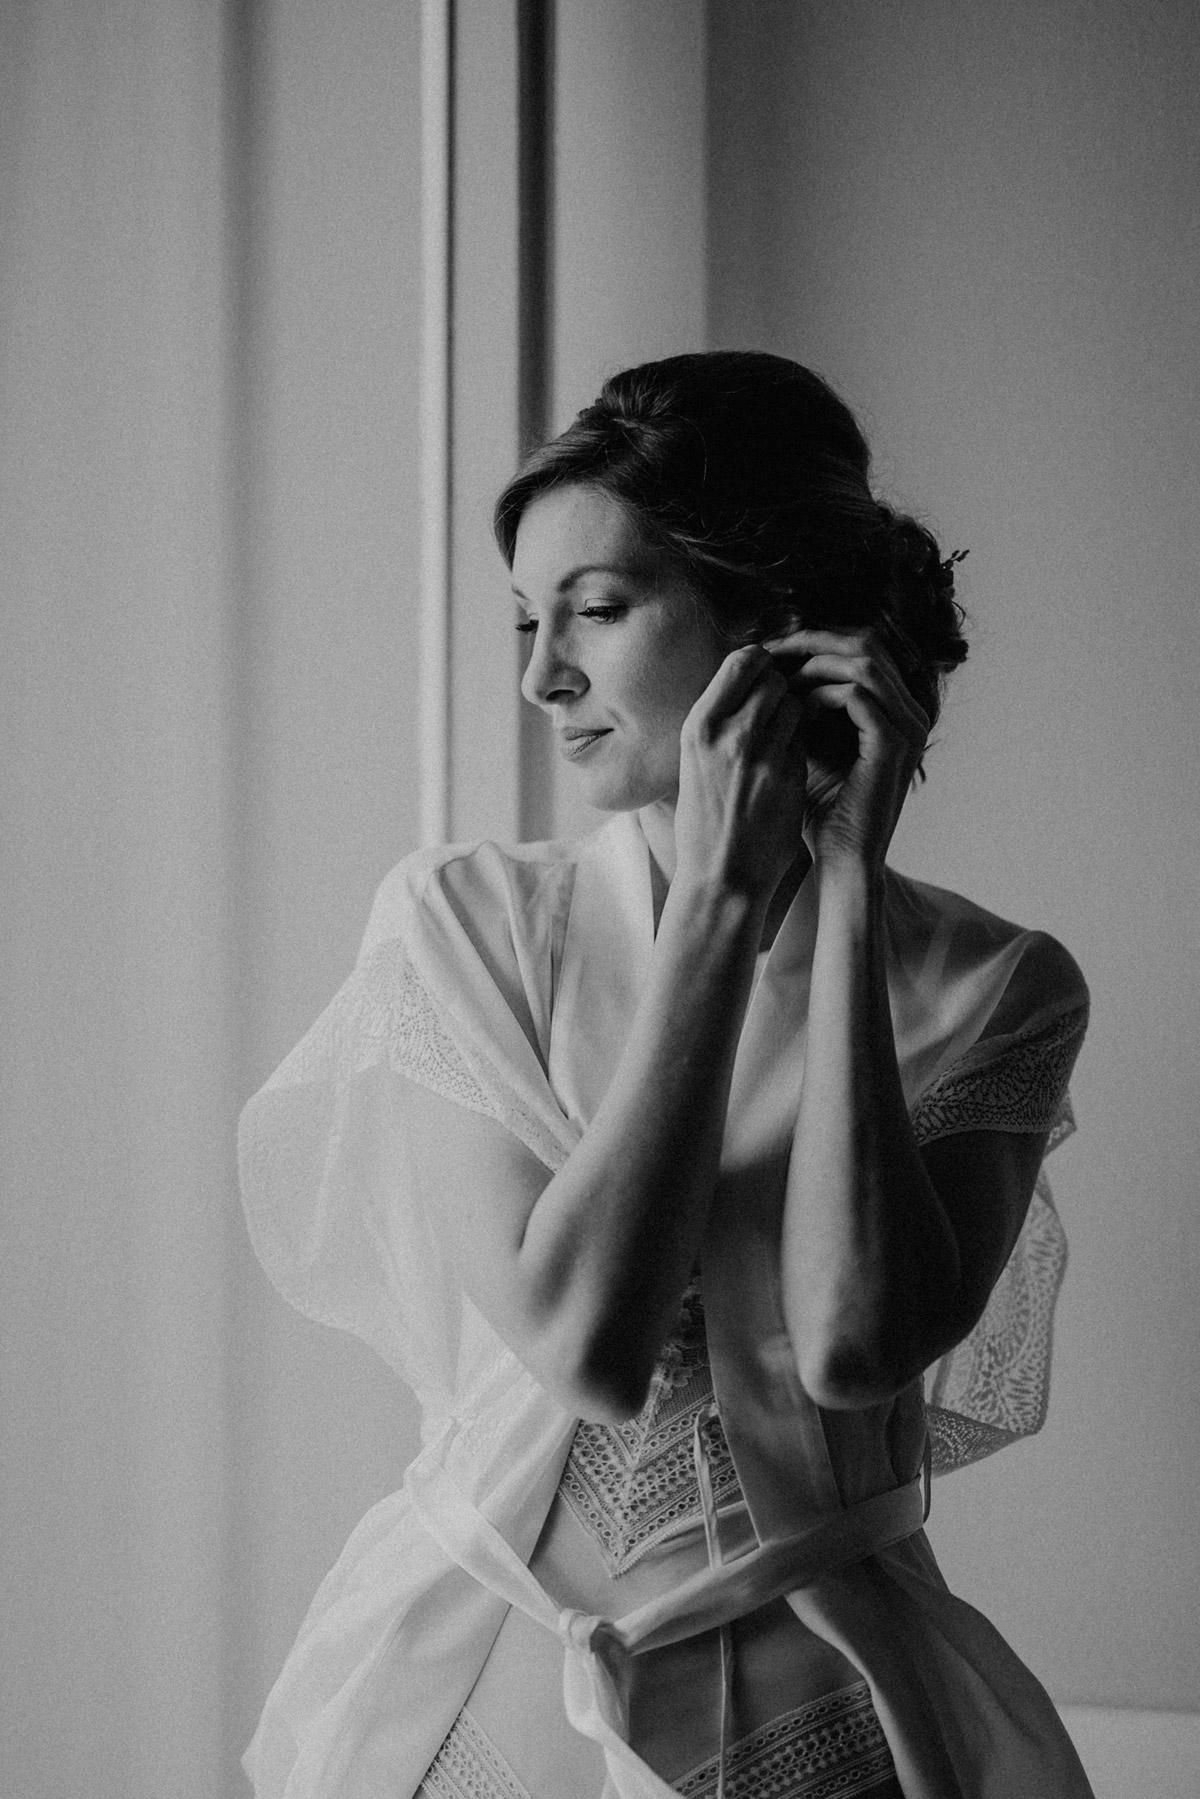 Braut Boudoir Fotoshooting beim Anlegen Ohrringe zur Hochzeit beauty real bride mit Hochzeitplanerin aus Berlin #hochzeitslicht Toskana Hochzeitsfotos und Hochzeitsfilm © www.hochzeitslicht.de #realbride #braut